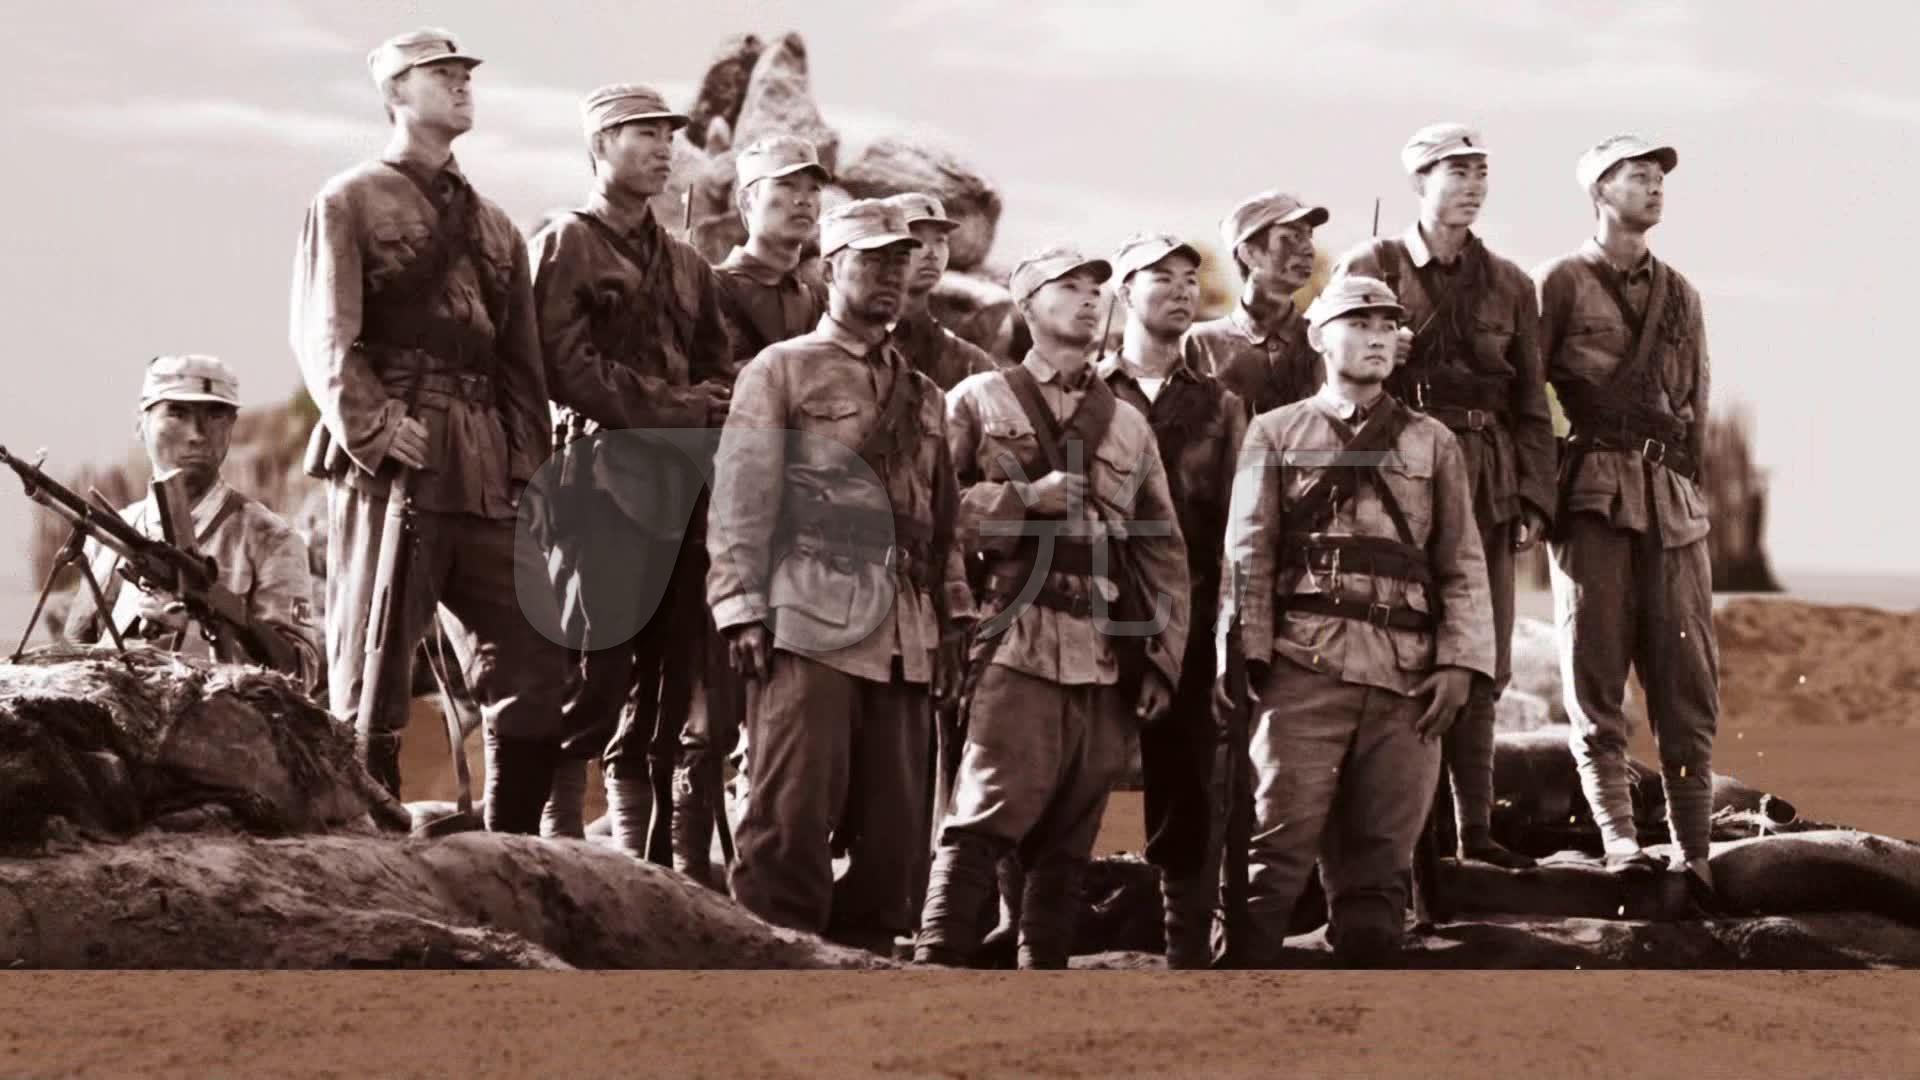 (强烈v高清)抗日战争高清视频_1920X1080_素材视频低智商图片